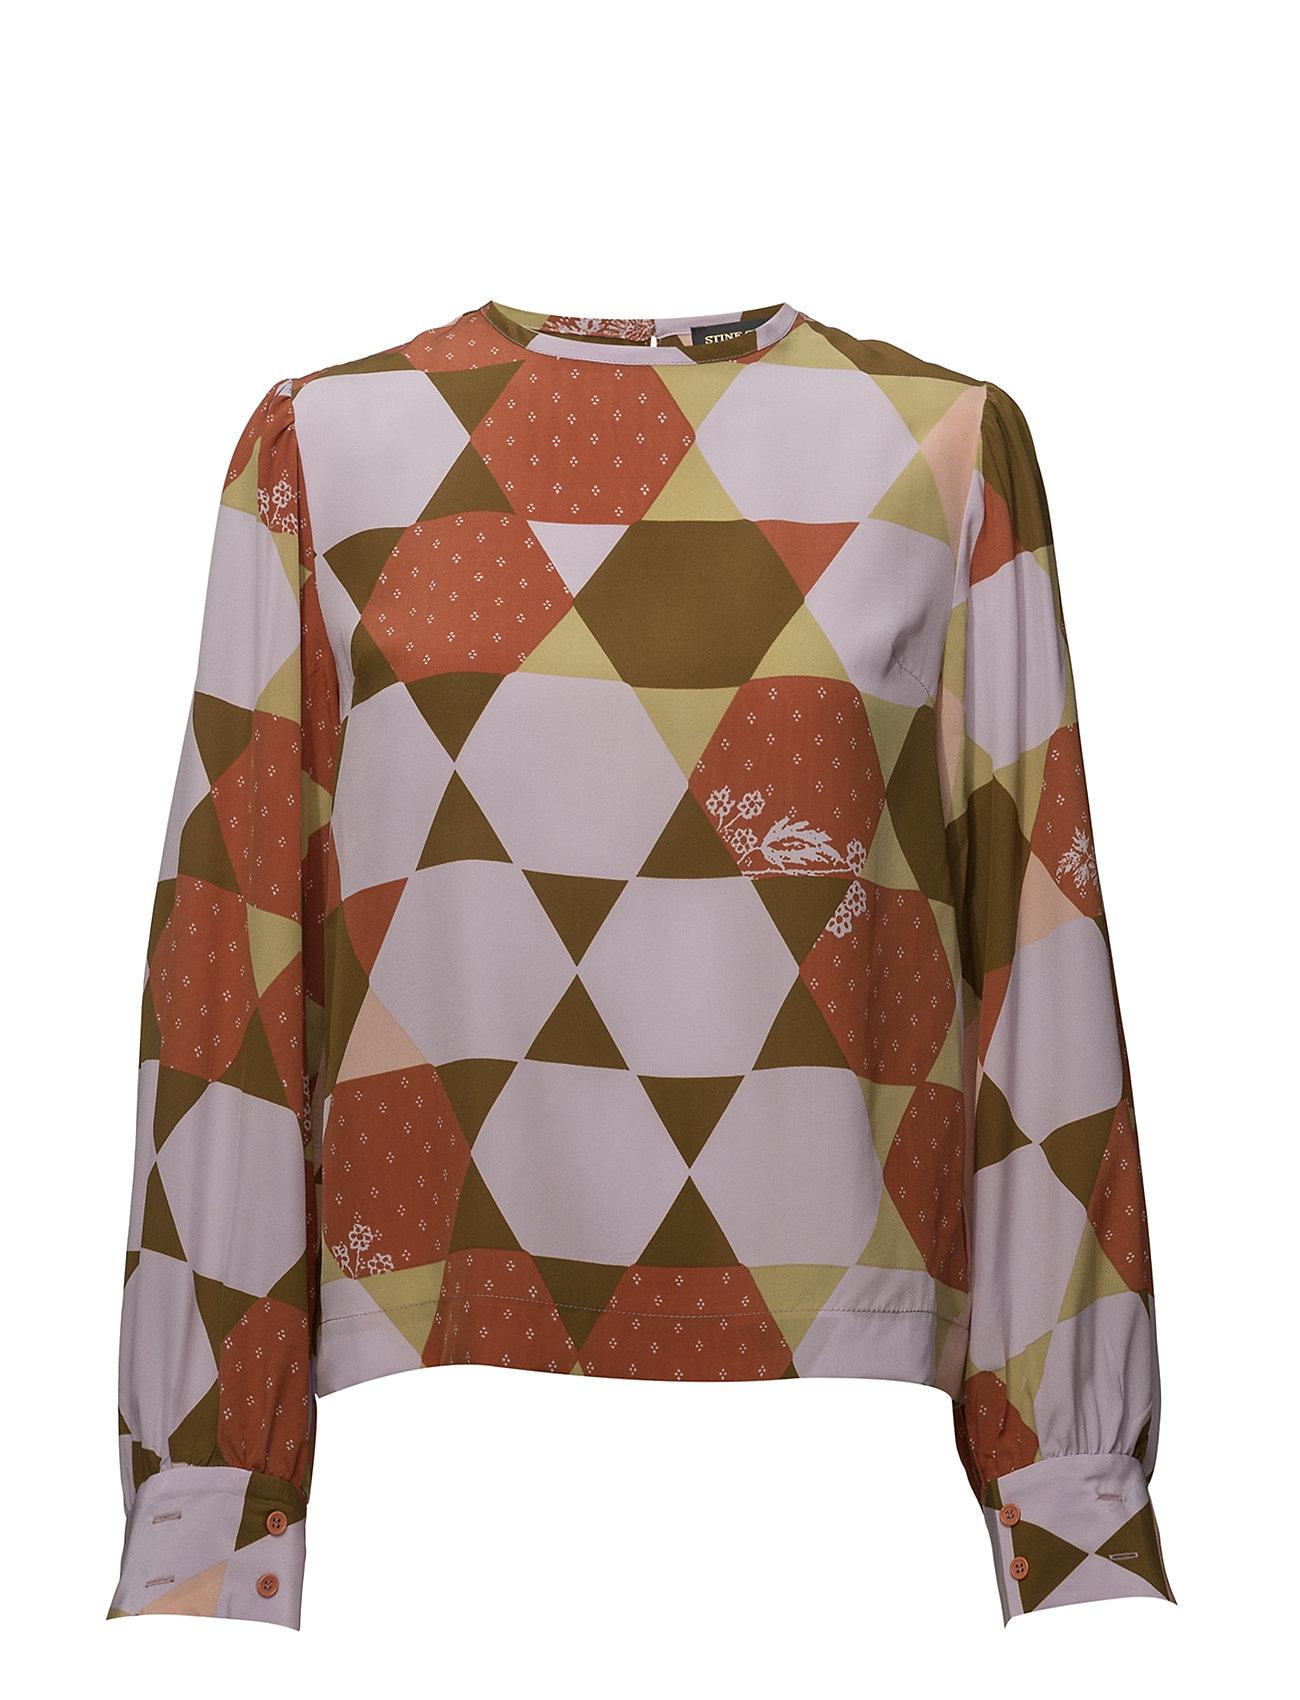 STINE GOYA Karolina, 420 Hexagons Silk - HEXAGONS SOFT